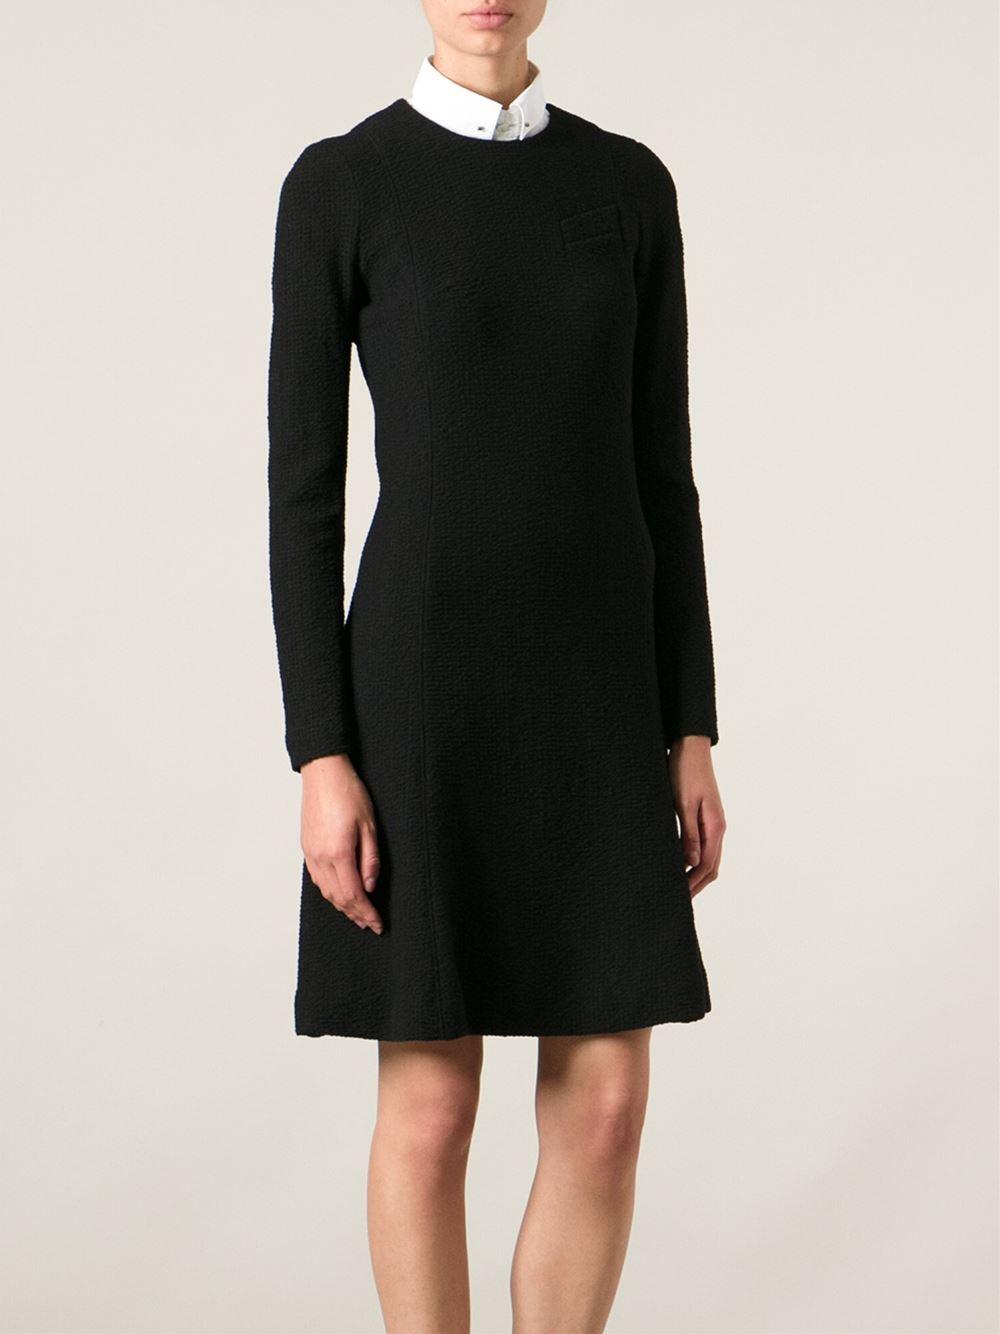 carven 39 seersucker 39 dress in black lyst. Black Bedroom Furniture Sets. Home Design Ideas